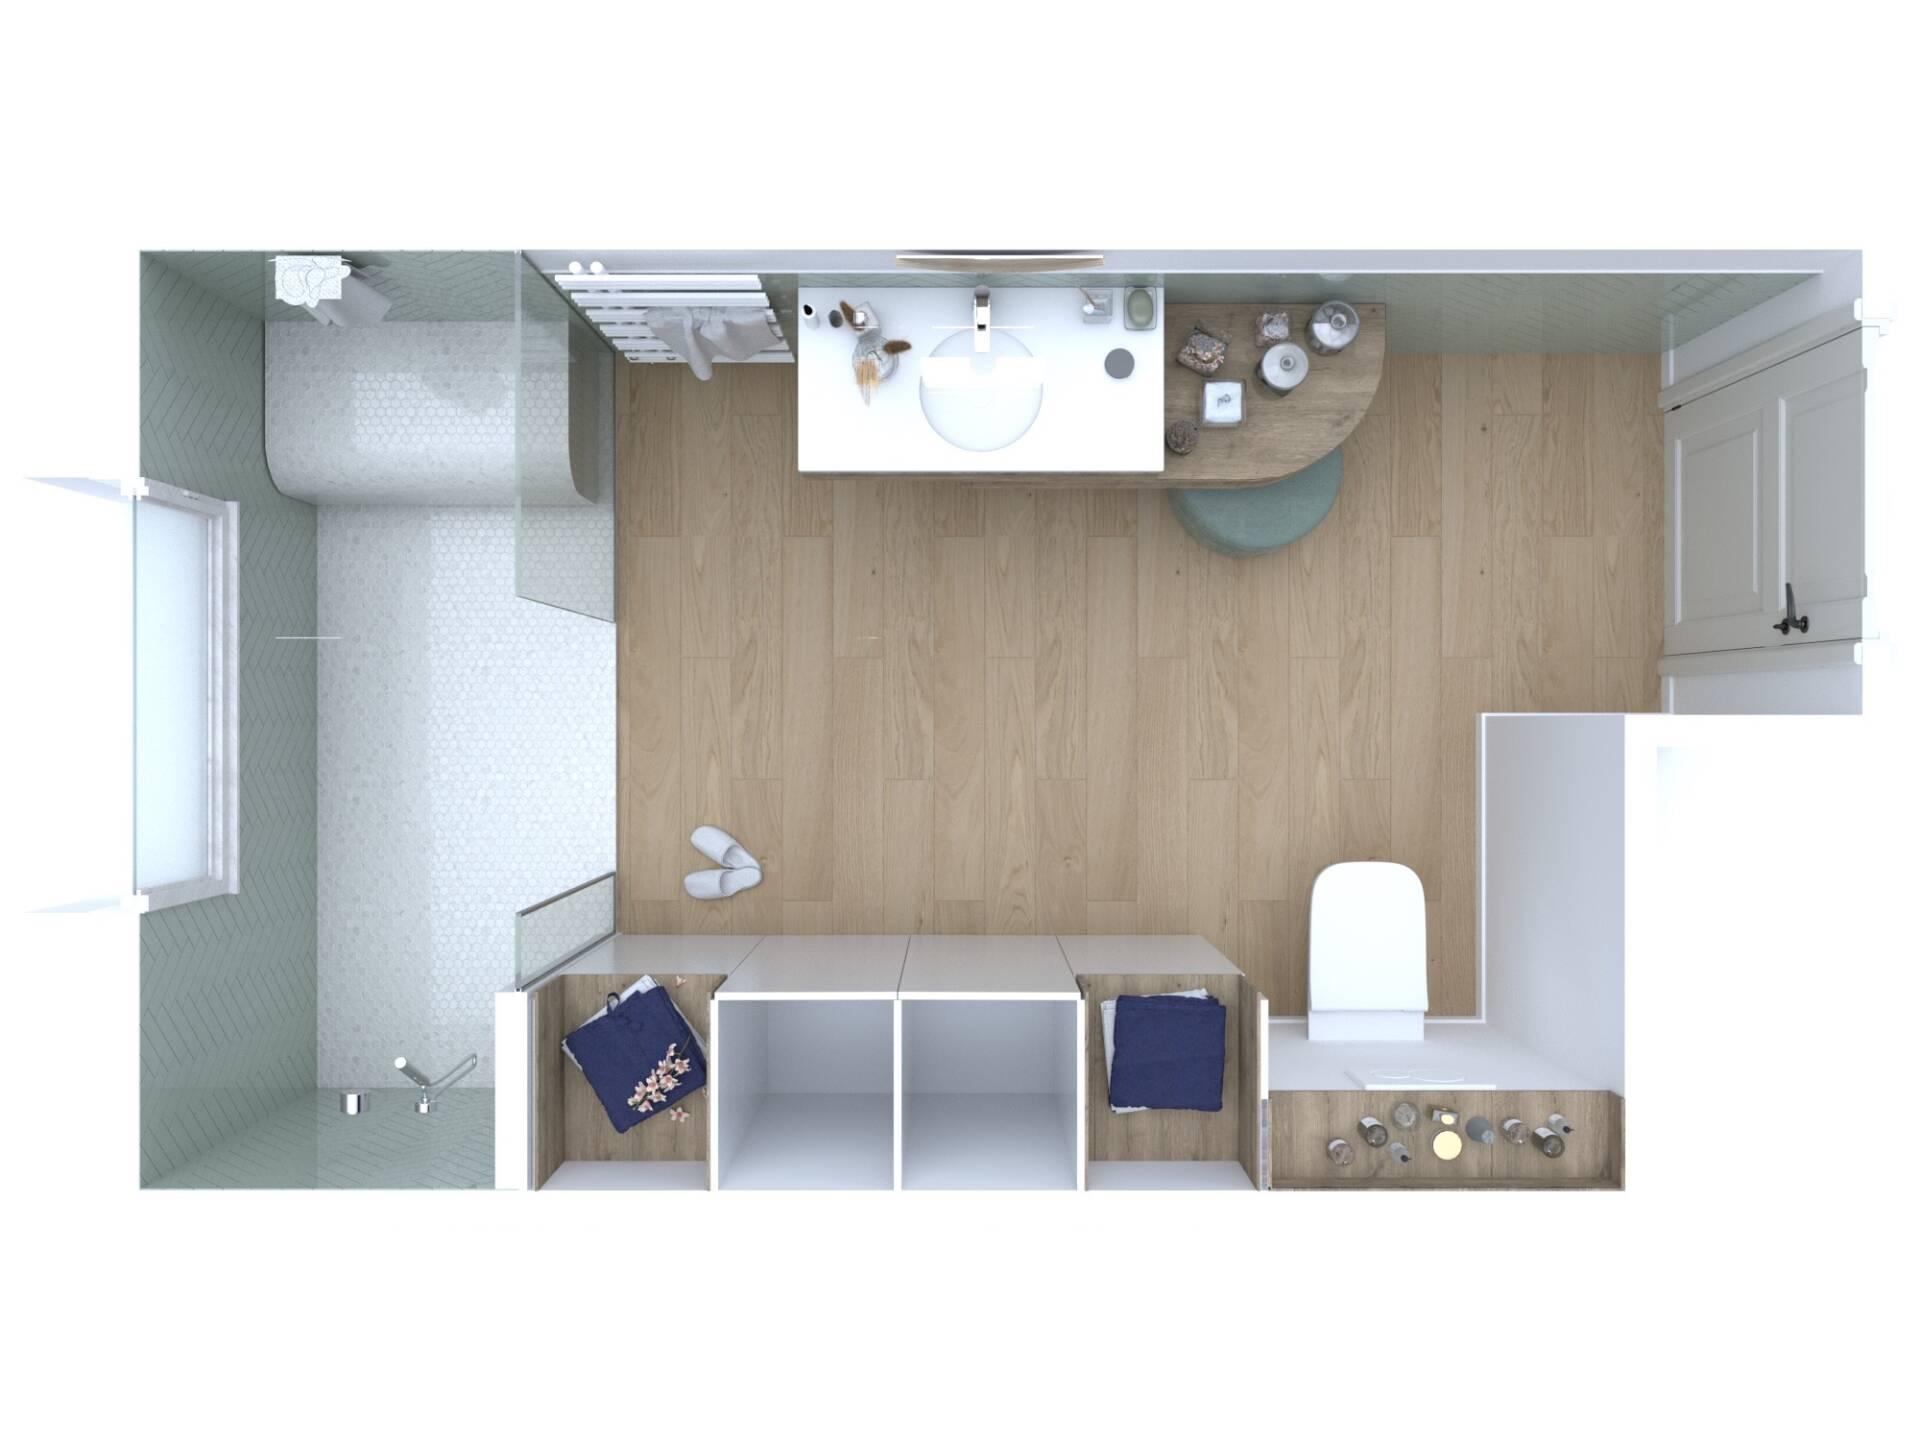 Conception d'une salle de bains en Allemagne, par Béatrice Elisabeth, Décoratrice UFDI à Neuilly et Paris